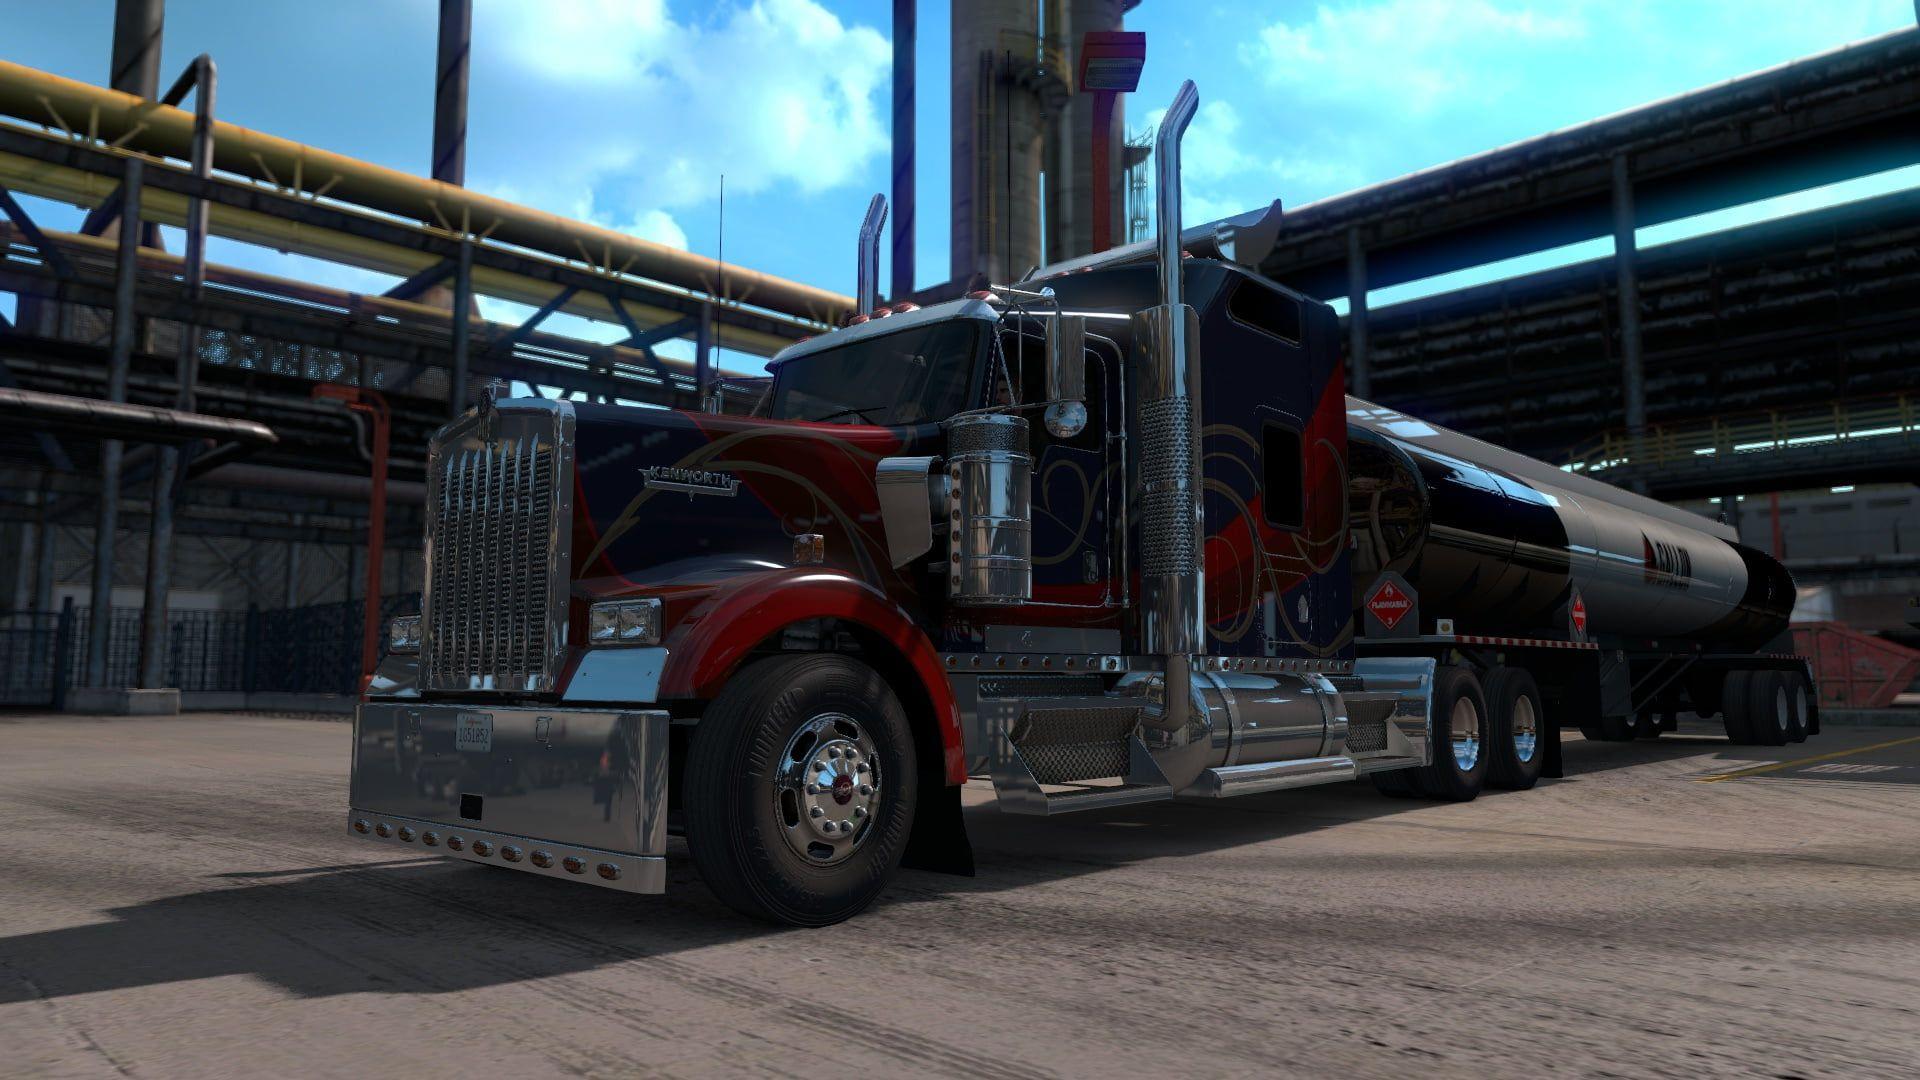 American Truck Simulator Kenworth Pc Gaming Trucks Truck Screen Shot 1080p Wallpaper Hdwallpaper Desktop American Truck Simulator Kenworth Simulation